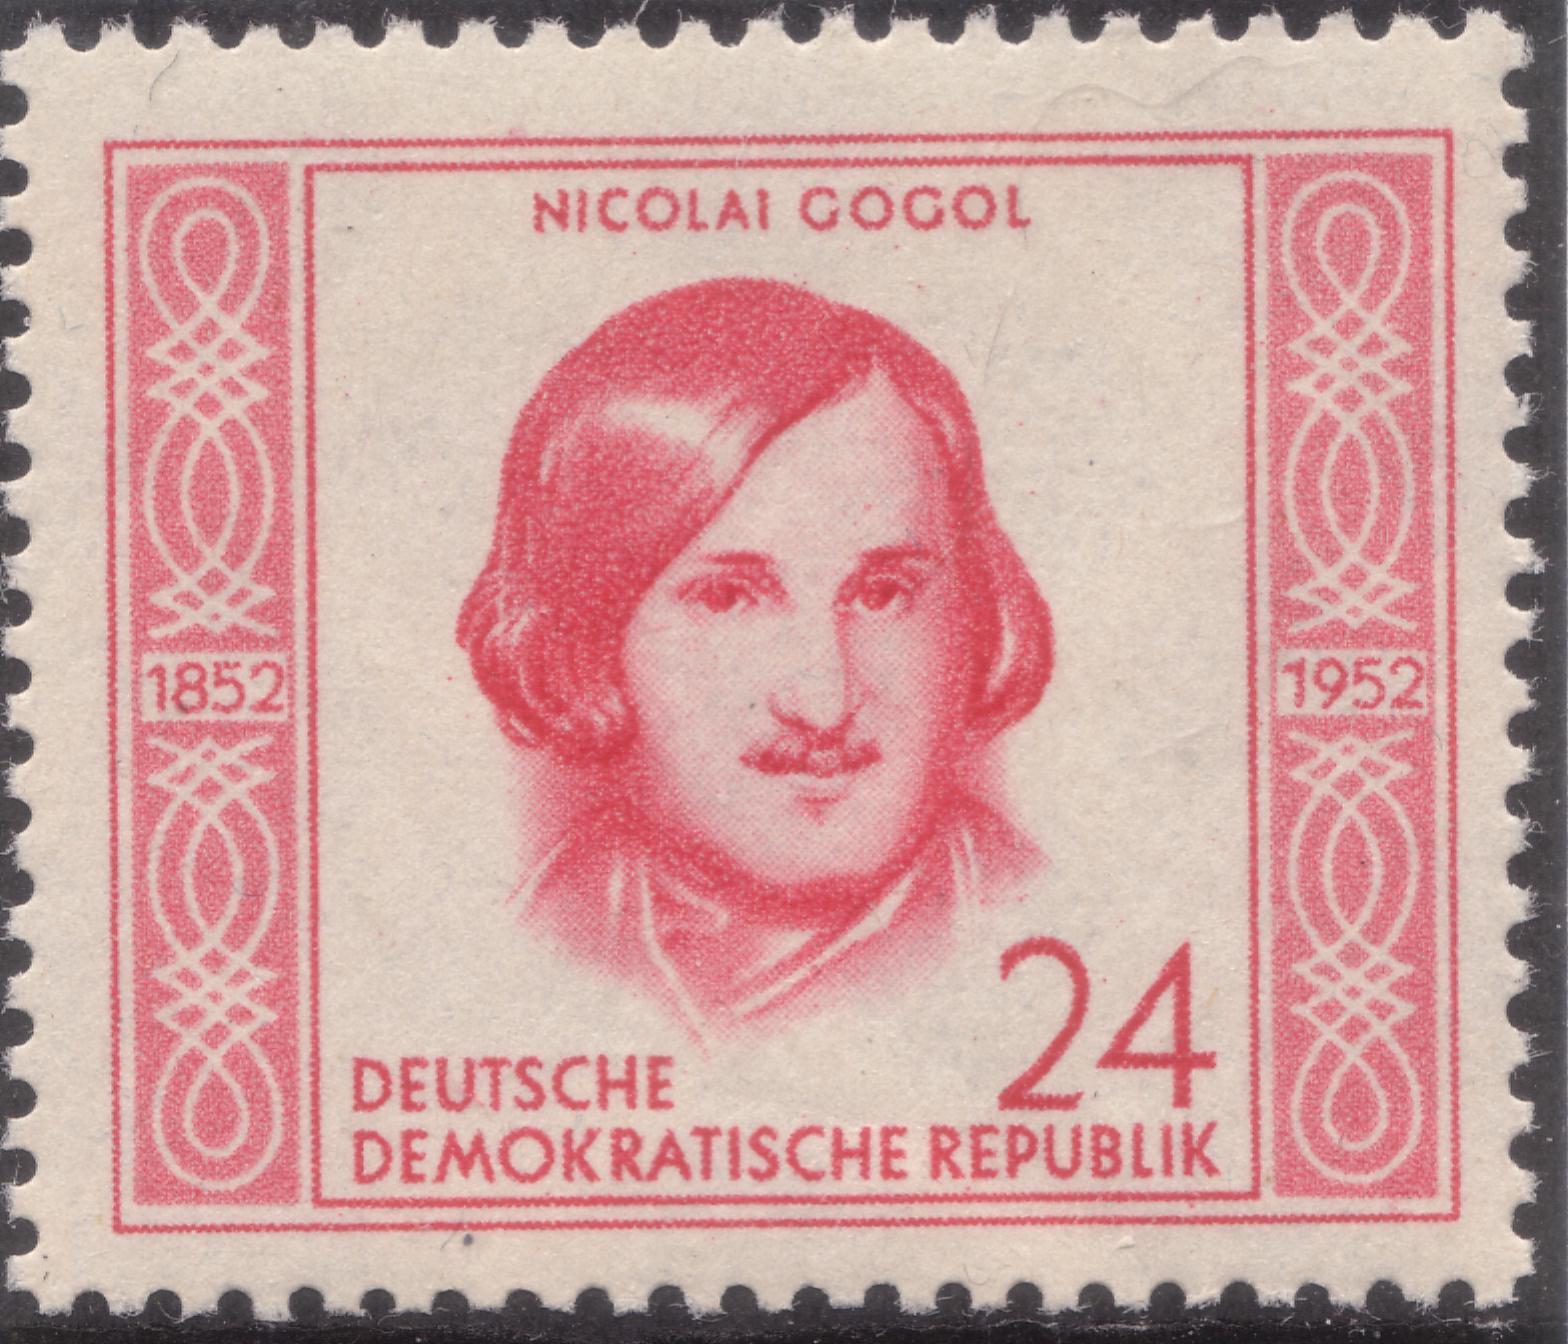 Gogol' e il ripieno di ironia